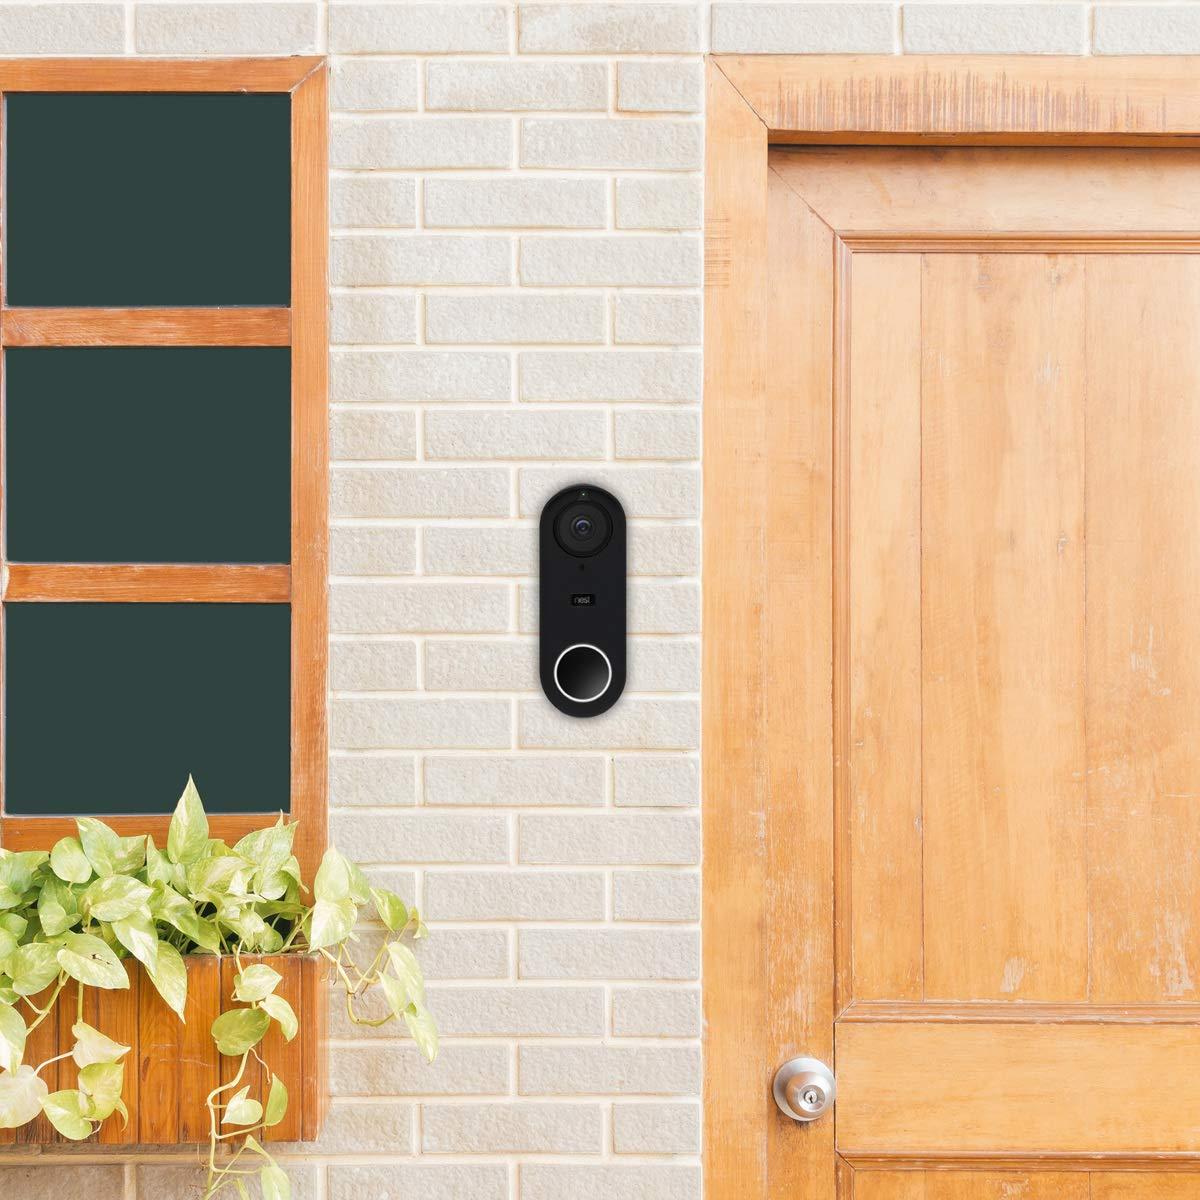 Carcasa Protectora de Silicona para Nest Hello Video Doorbell Negro kwmobile Nest Hello Video Doorbell Funda para videoportero